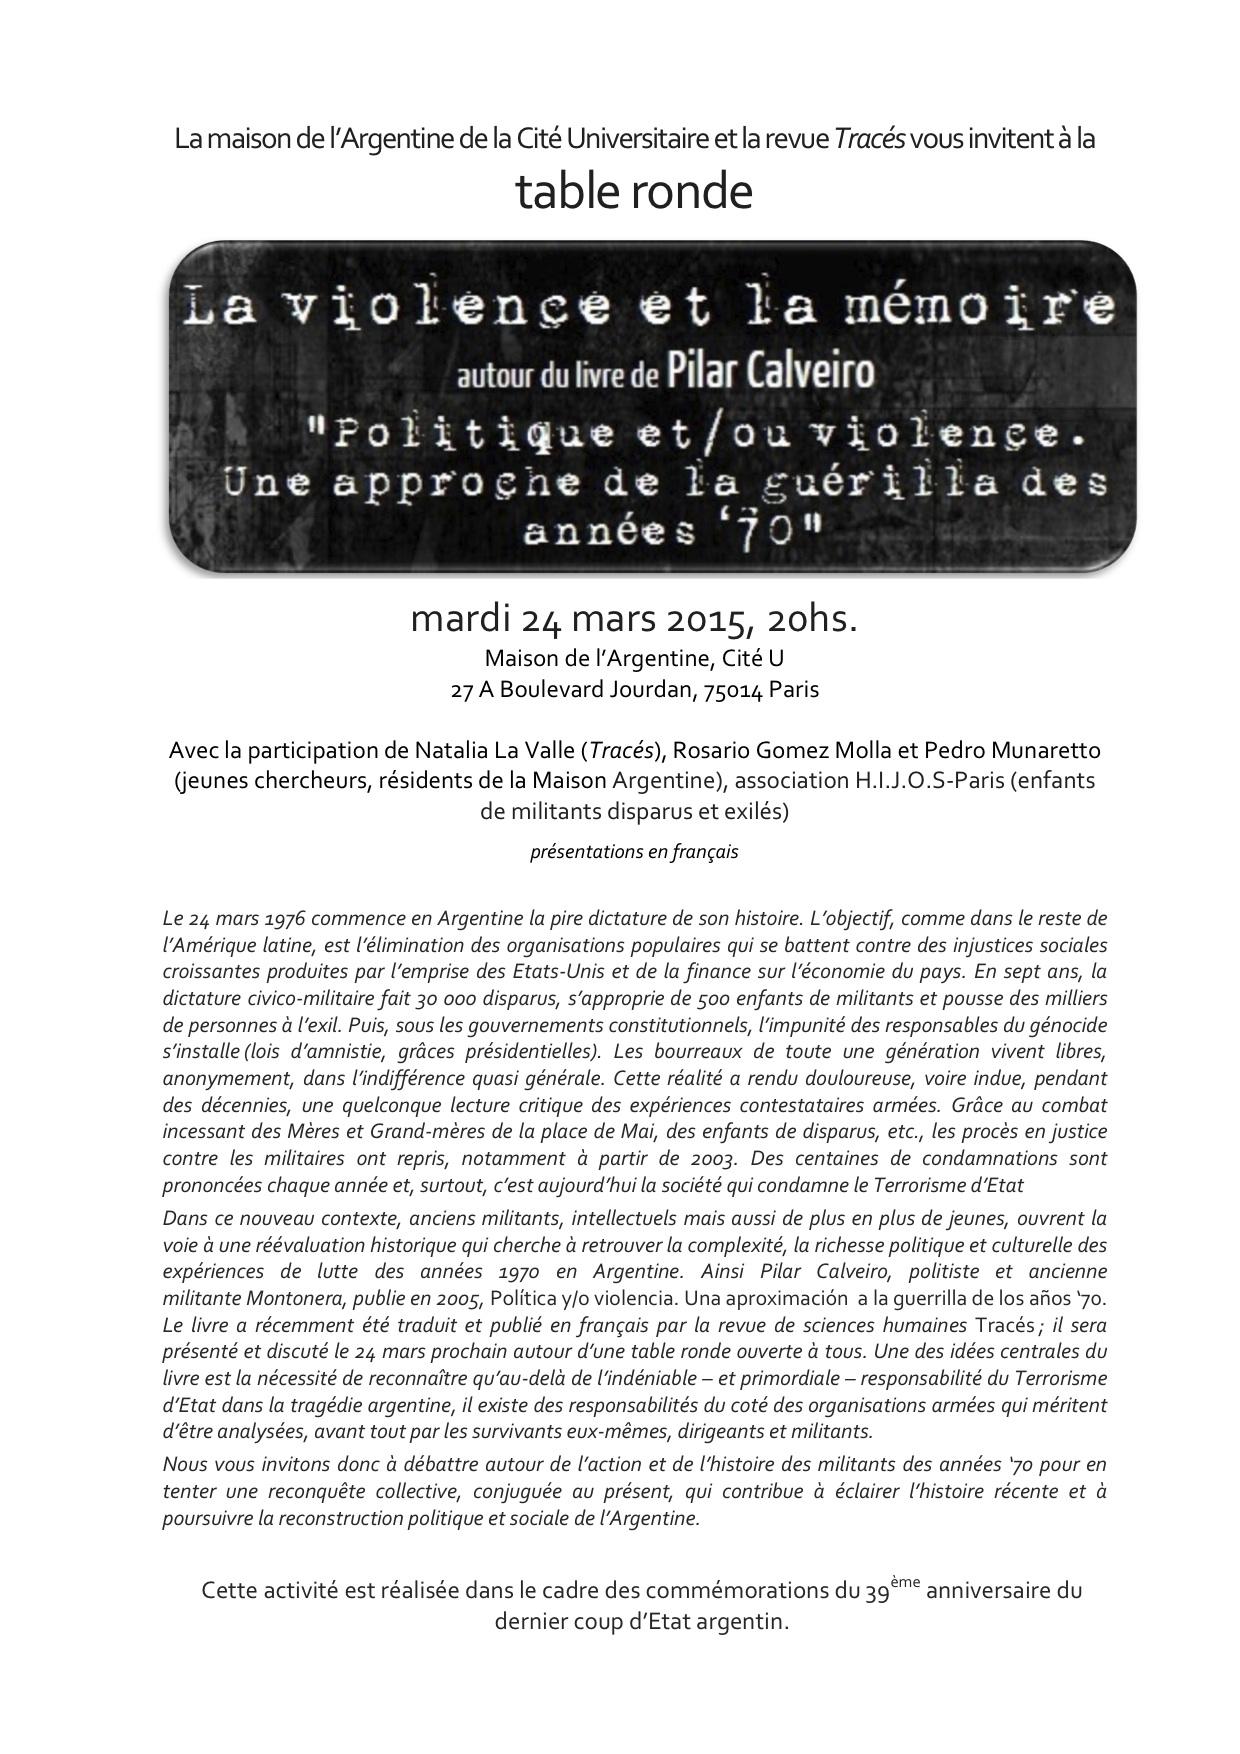 """24 mars: table-ronde """"La violence et la mémoire"""" autour de Pilar Calveiro"""